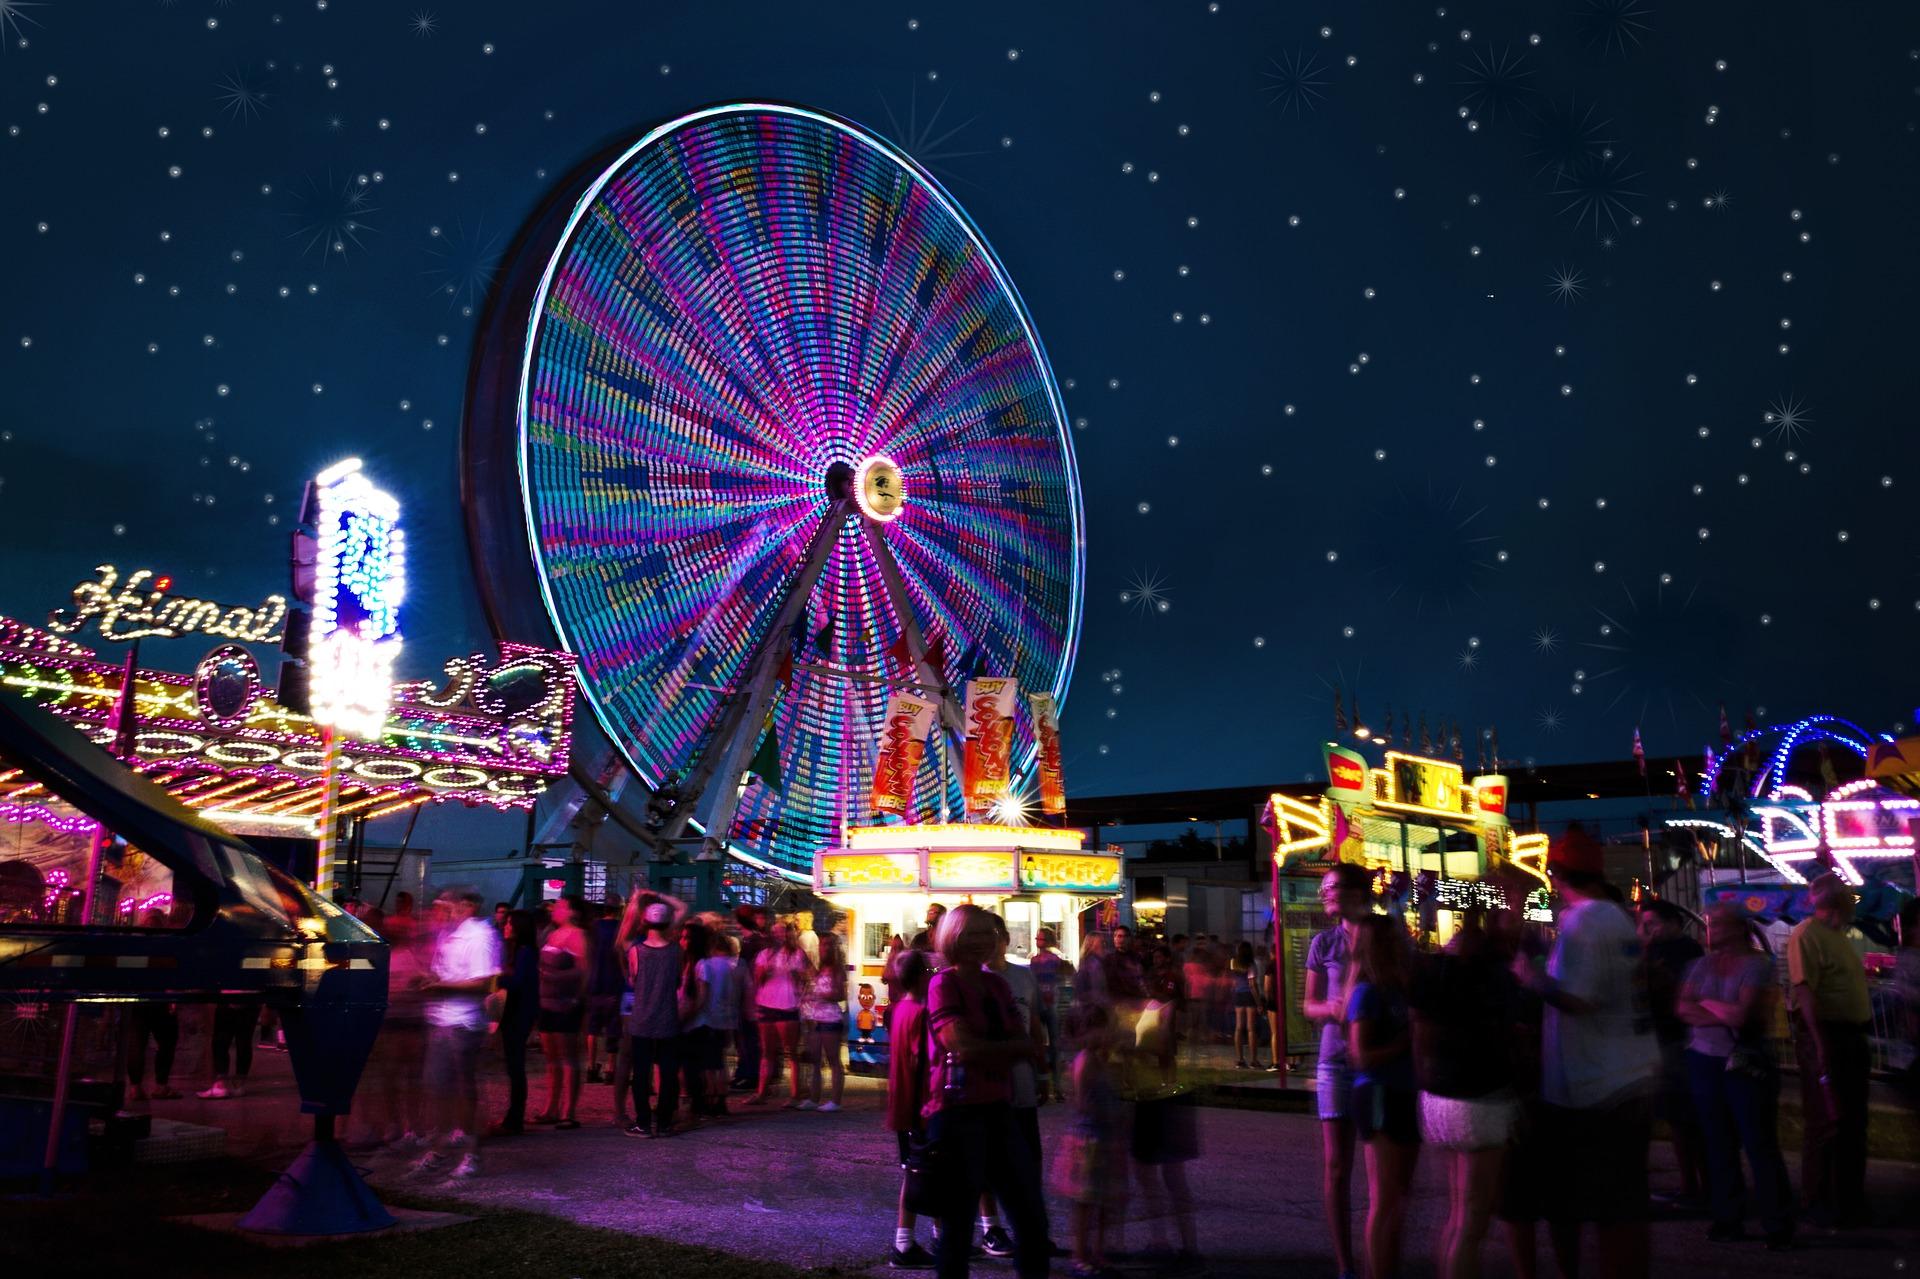 carnival-rides-2648047_1920.jpg